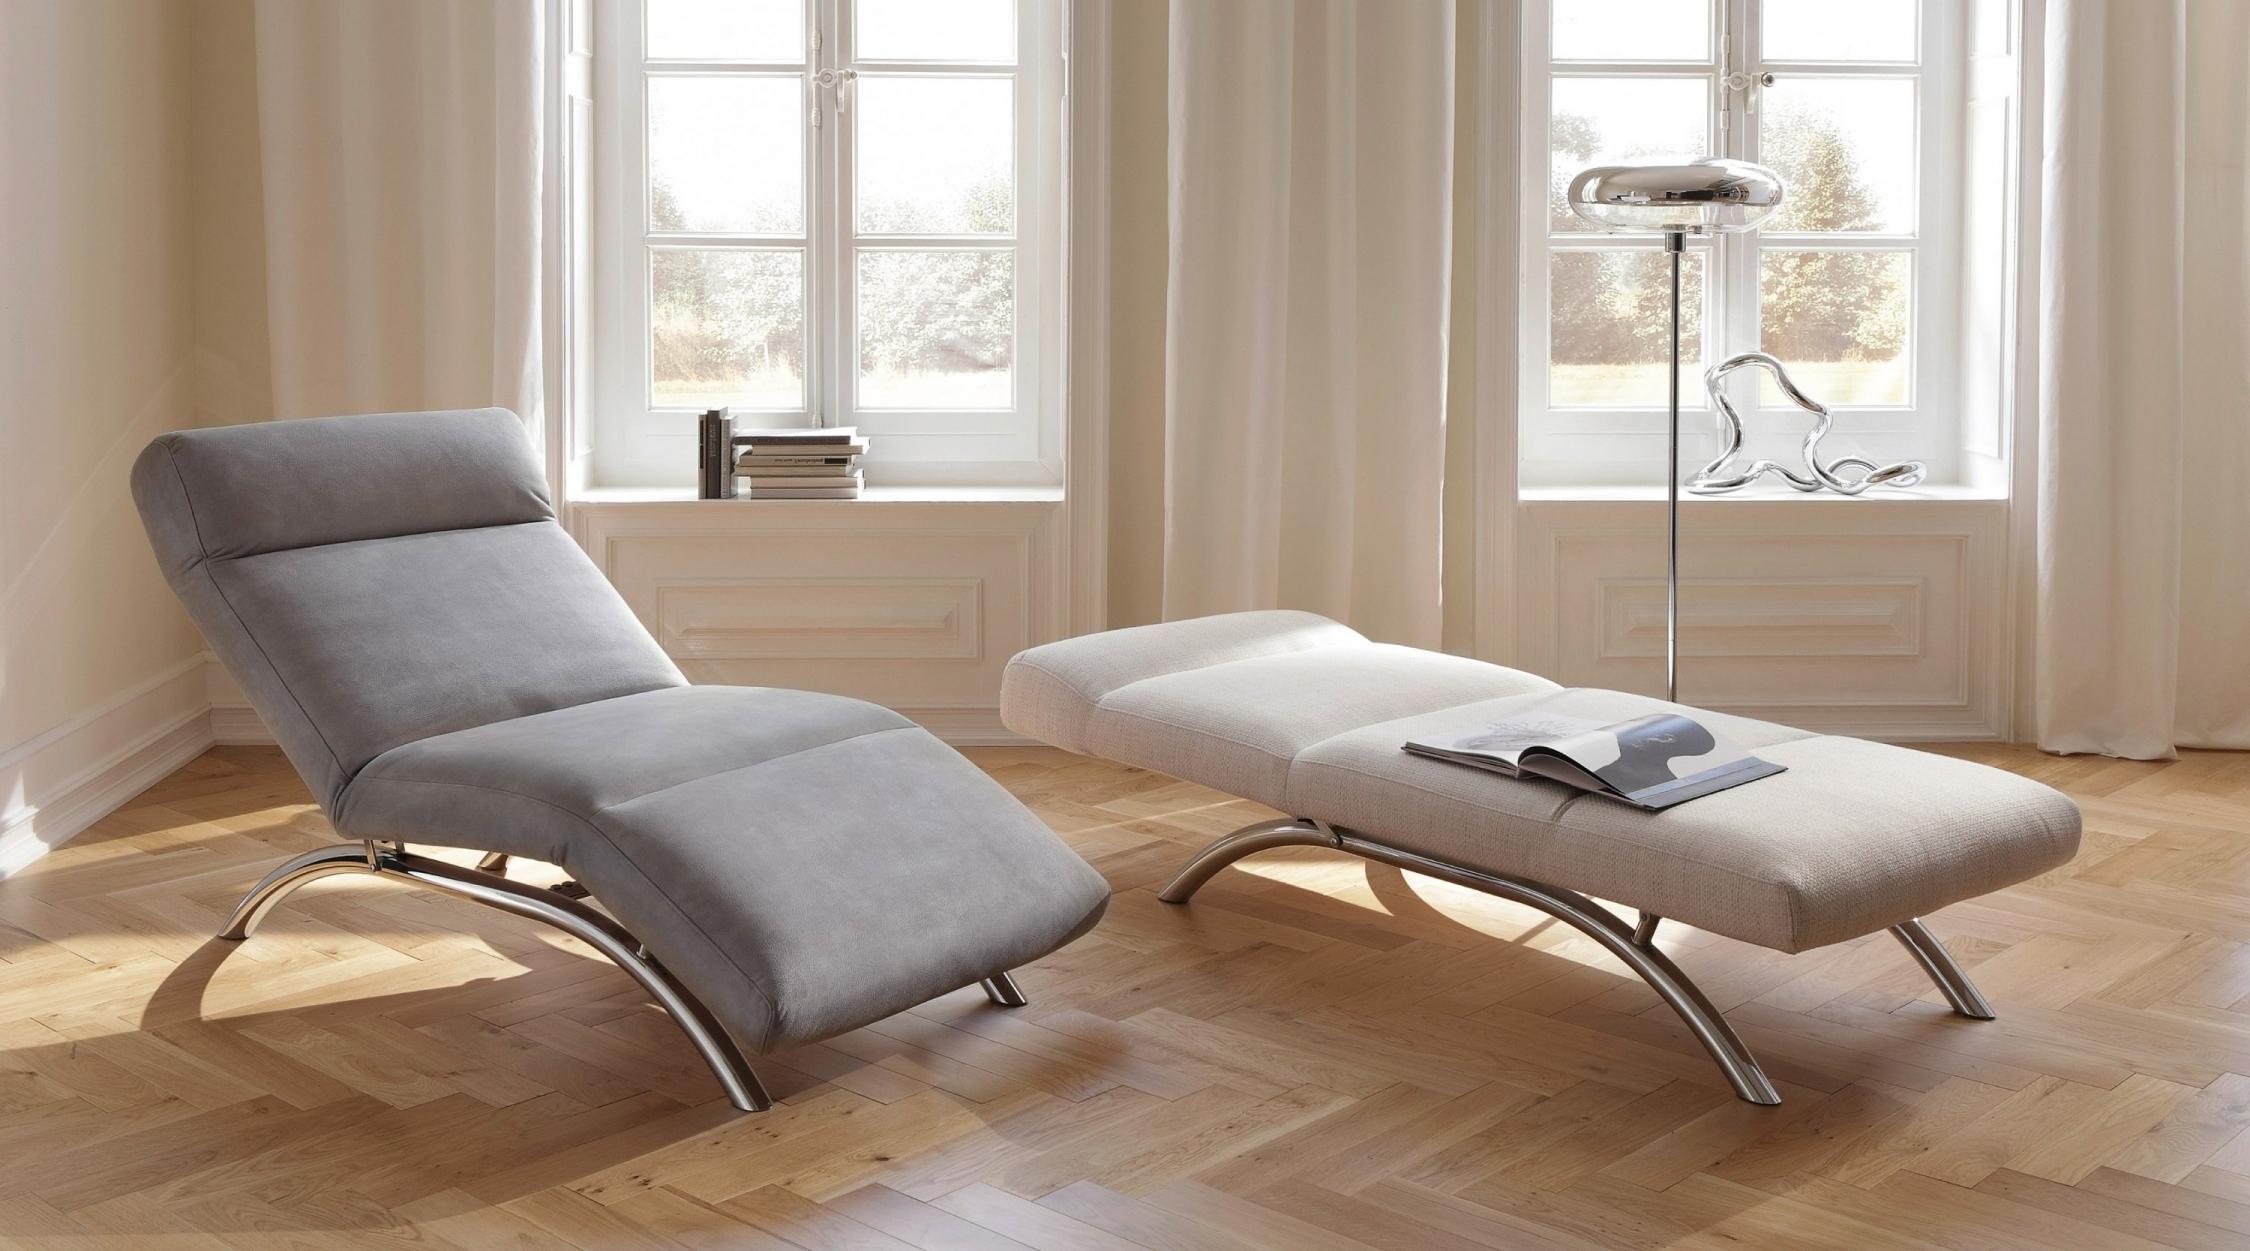 Full Size of Relaxliege Wohnzimmer Ikea Liege Designer Liegen Leder Liegestuhl Stylische Bilder Fürs Wohnwand Deko Stehlampen Xxl Vitrine Weiß Deckenleuchte Kamin Wohnzimmer Relaxliege Wohnzimmer Ikea